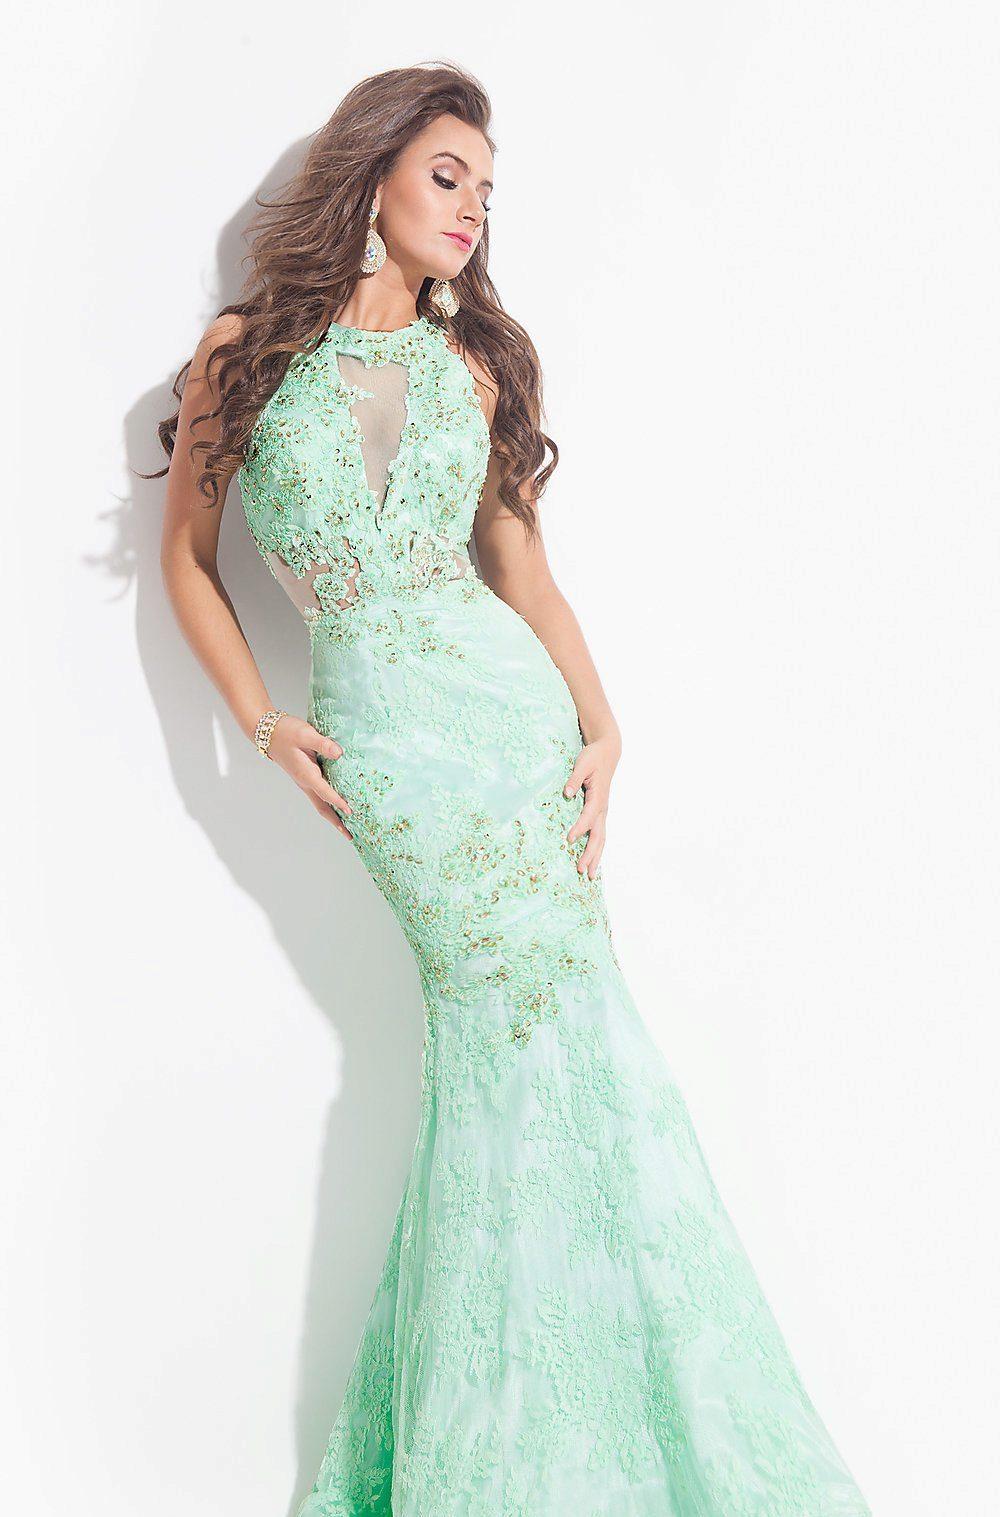 486503d3bdf Вечернее платье мятного цвета  самые лучшие фото (19 фото)